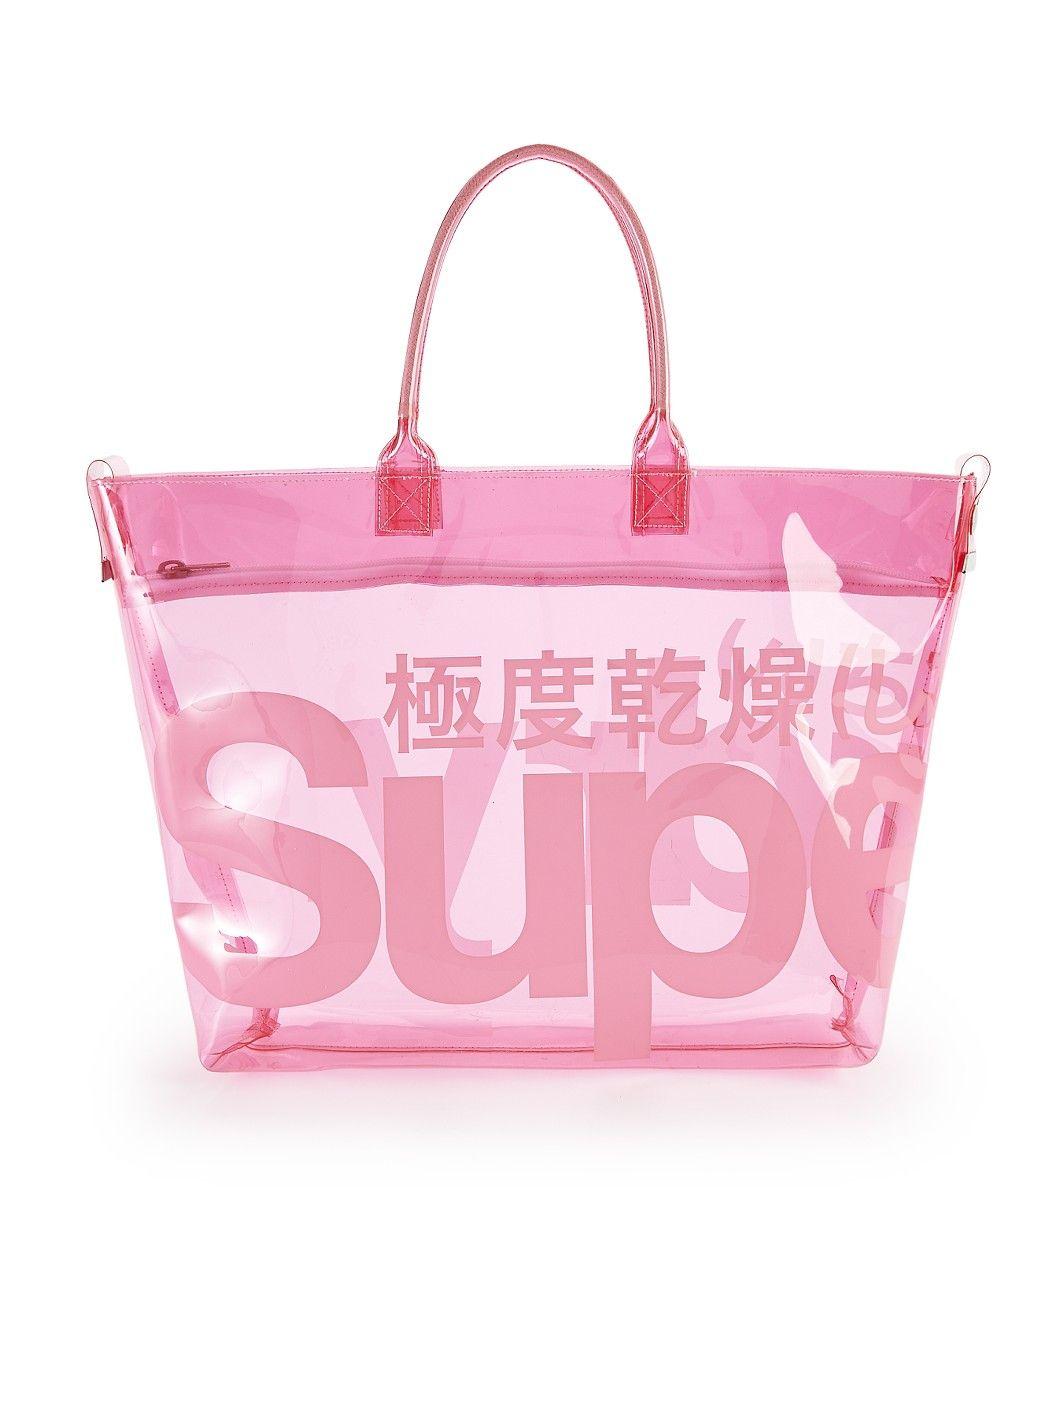 BAGS - Handbags Superdry C0FsG84Wo9